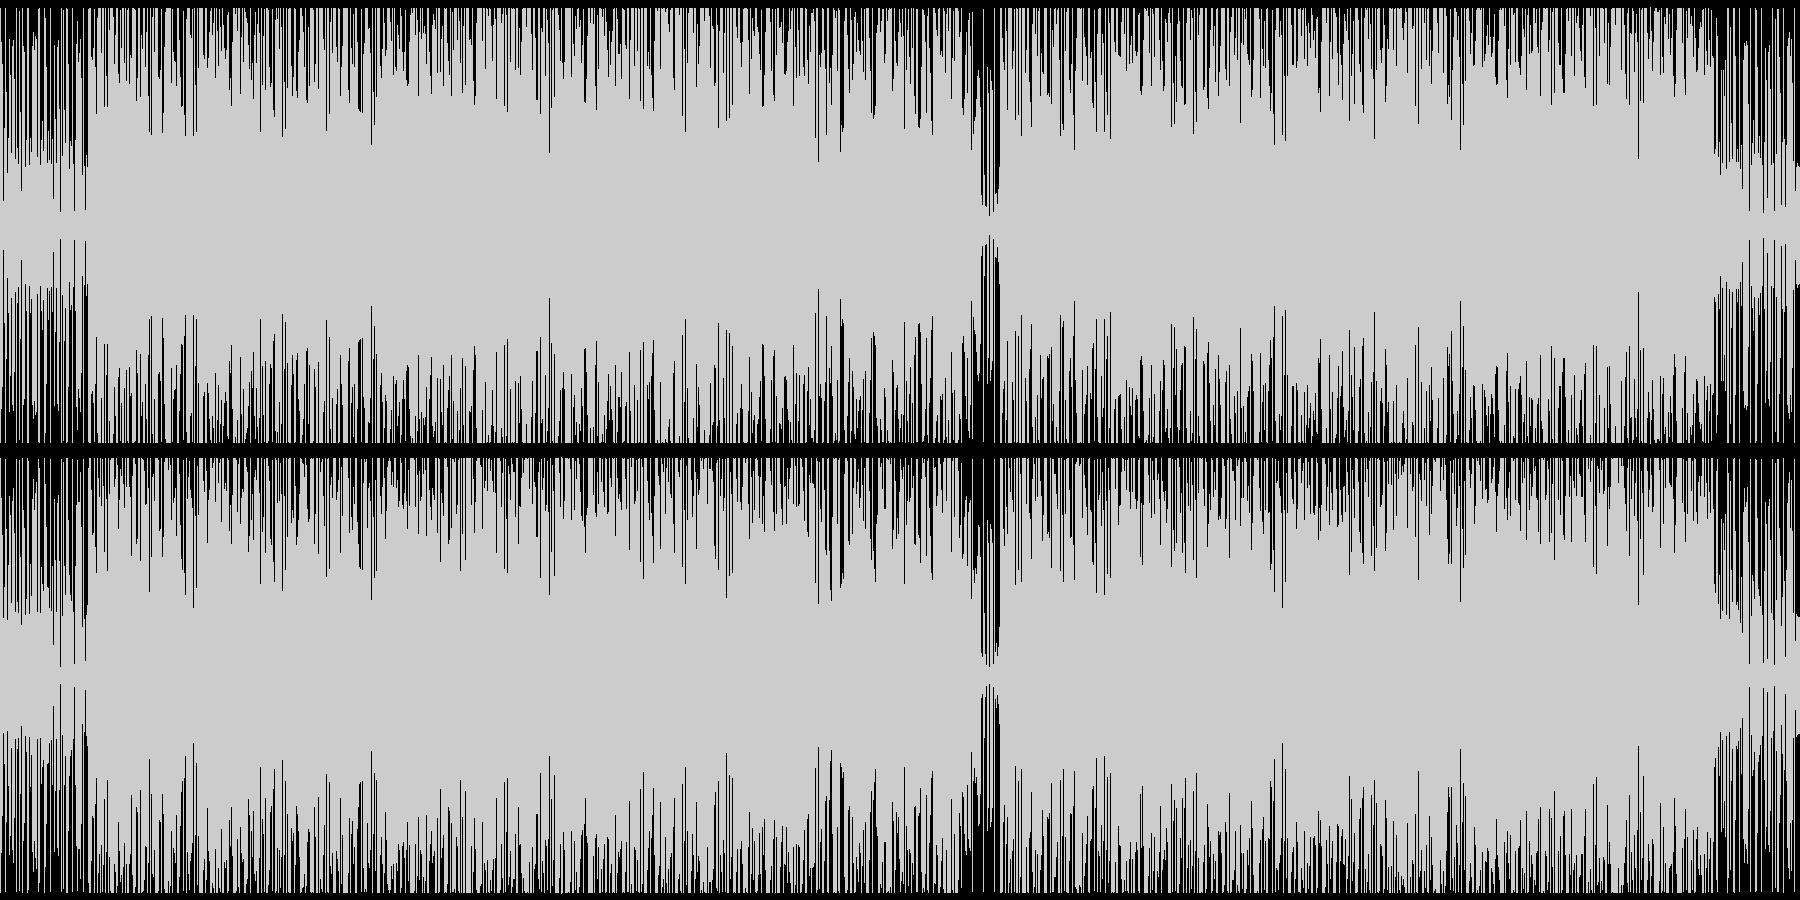 【ループ対応】心地良いヒーリングポップの未再生の波形